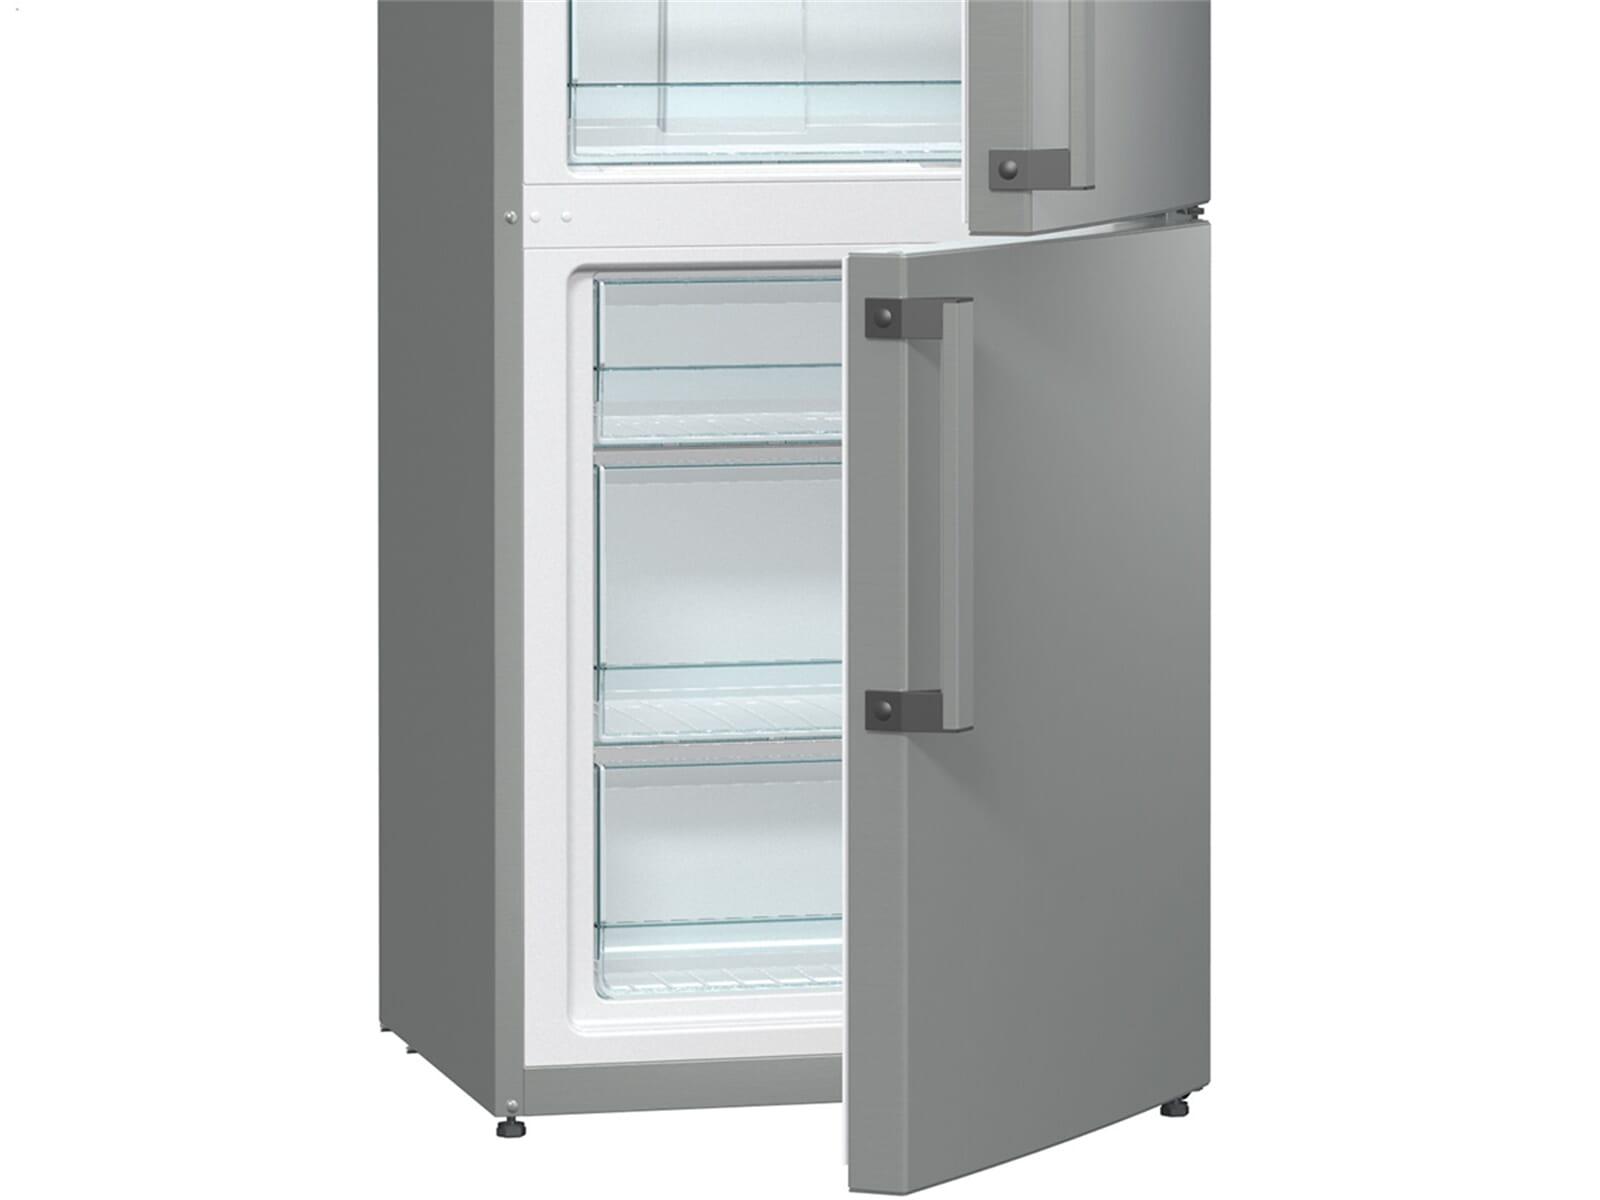 Gorenje Kühlschrank Gefrierkombination : Gorenje kühlschrank gefrierkombination gorenje kühl